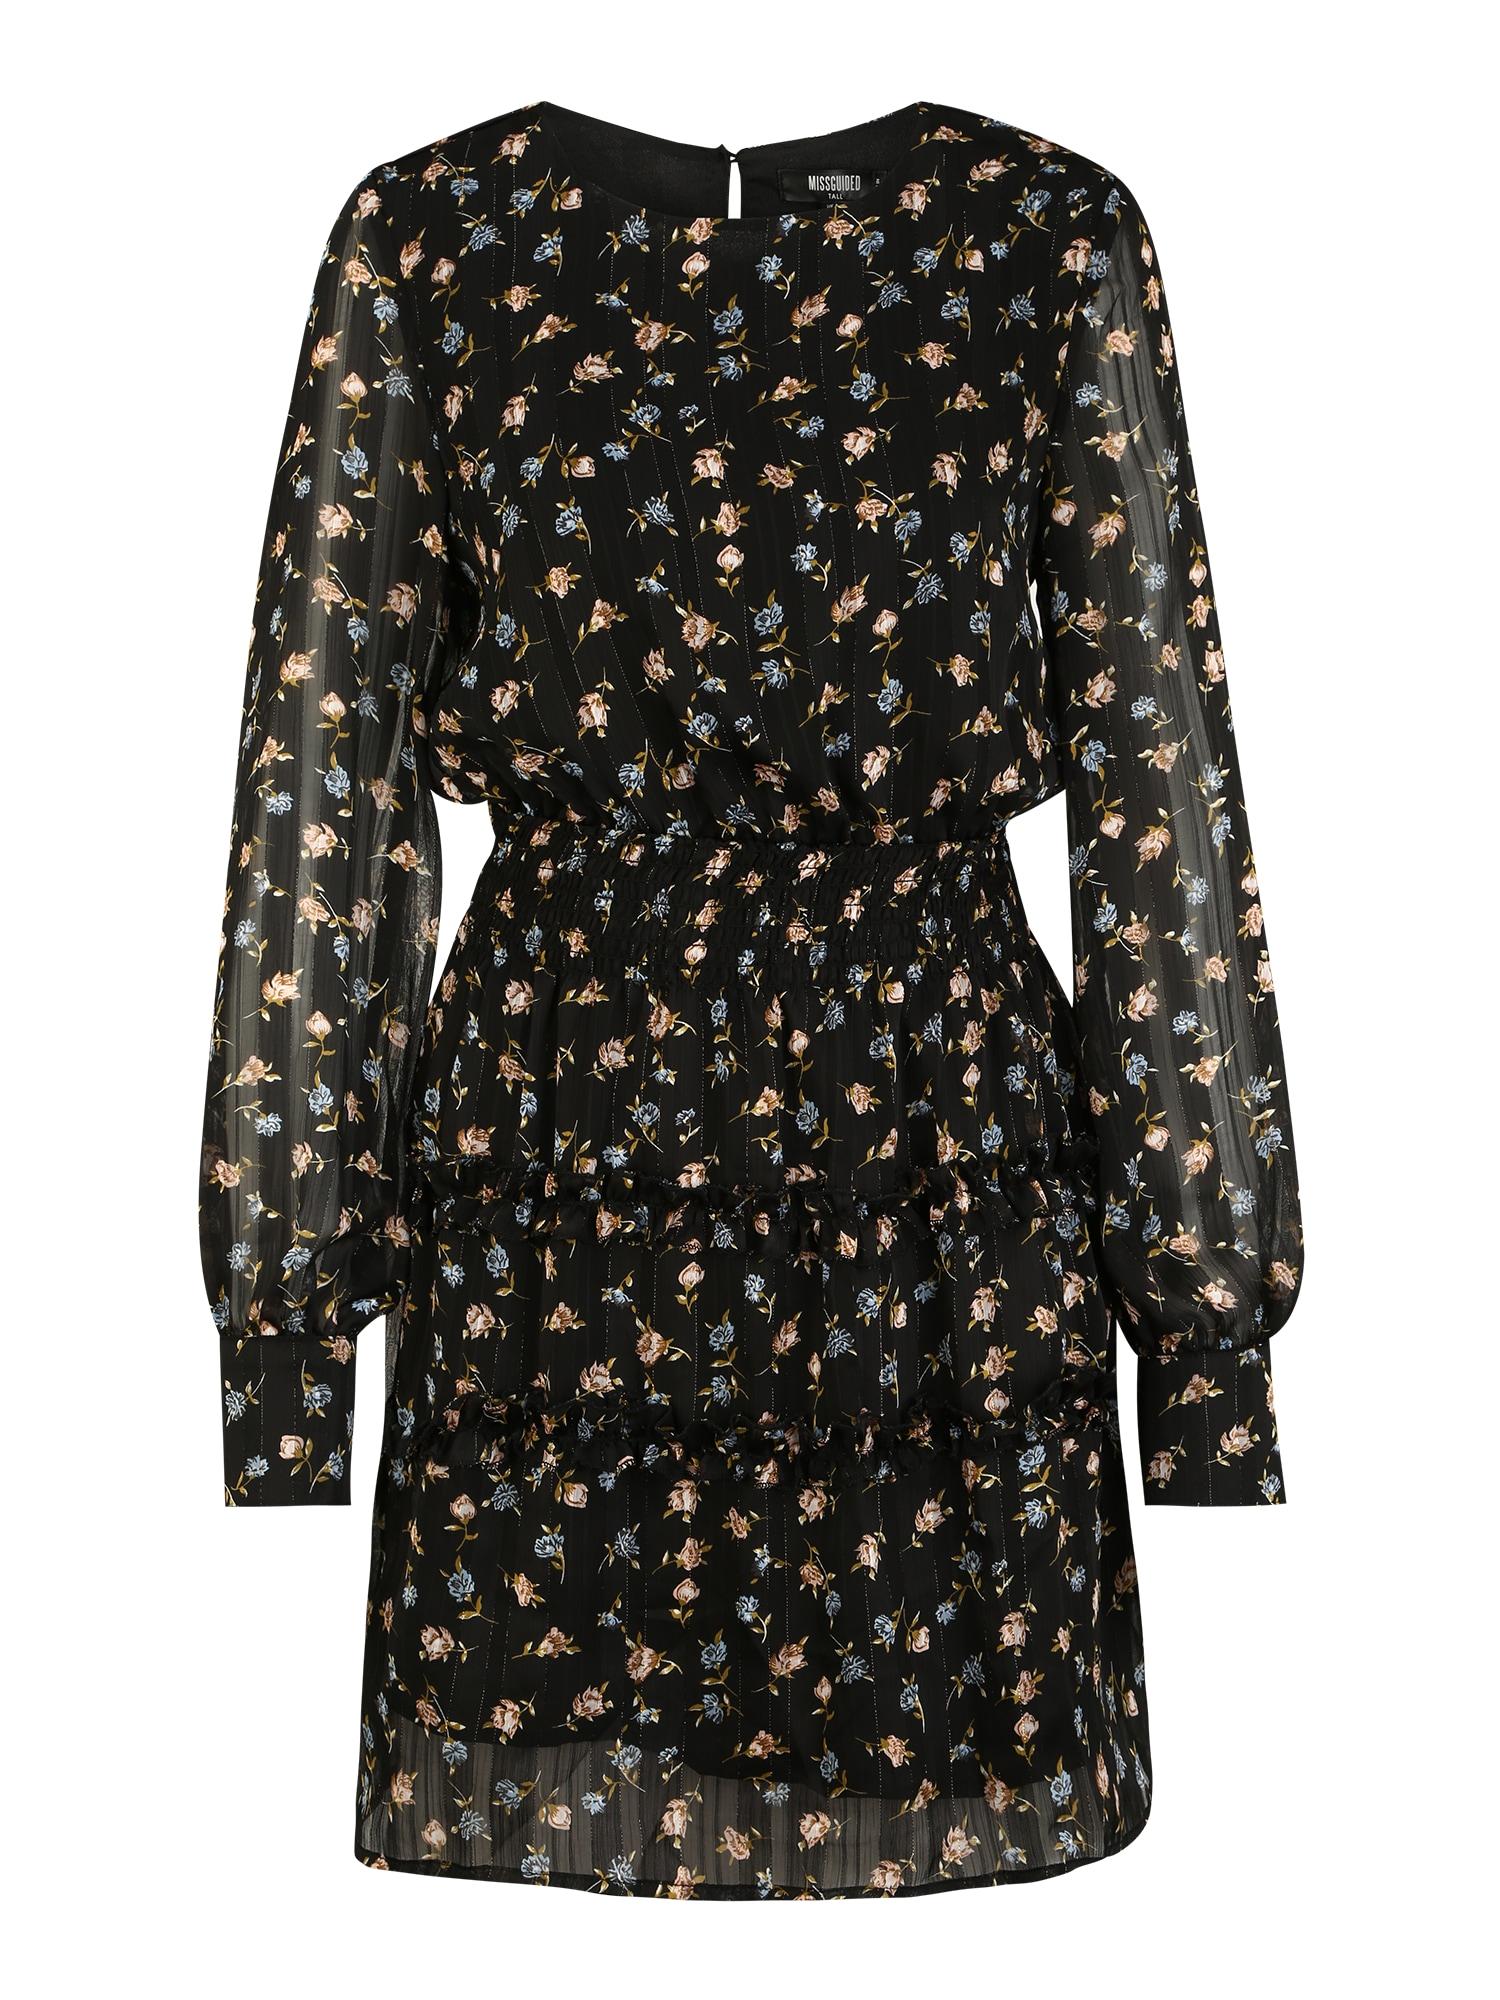 Missguided (Tall) Suknelė juoda / mišrios spalvos